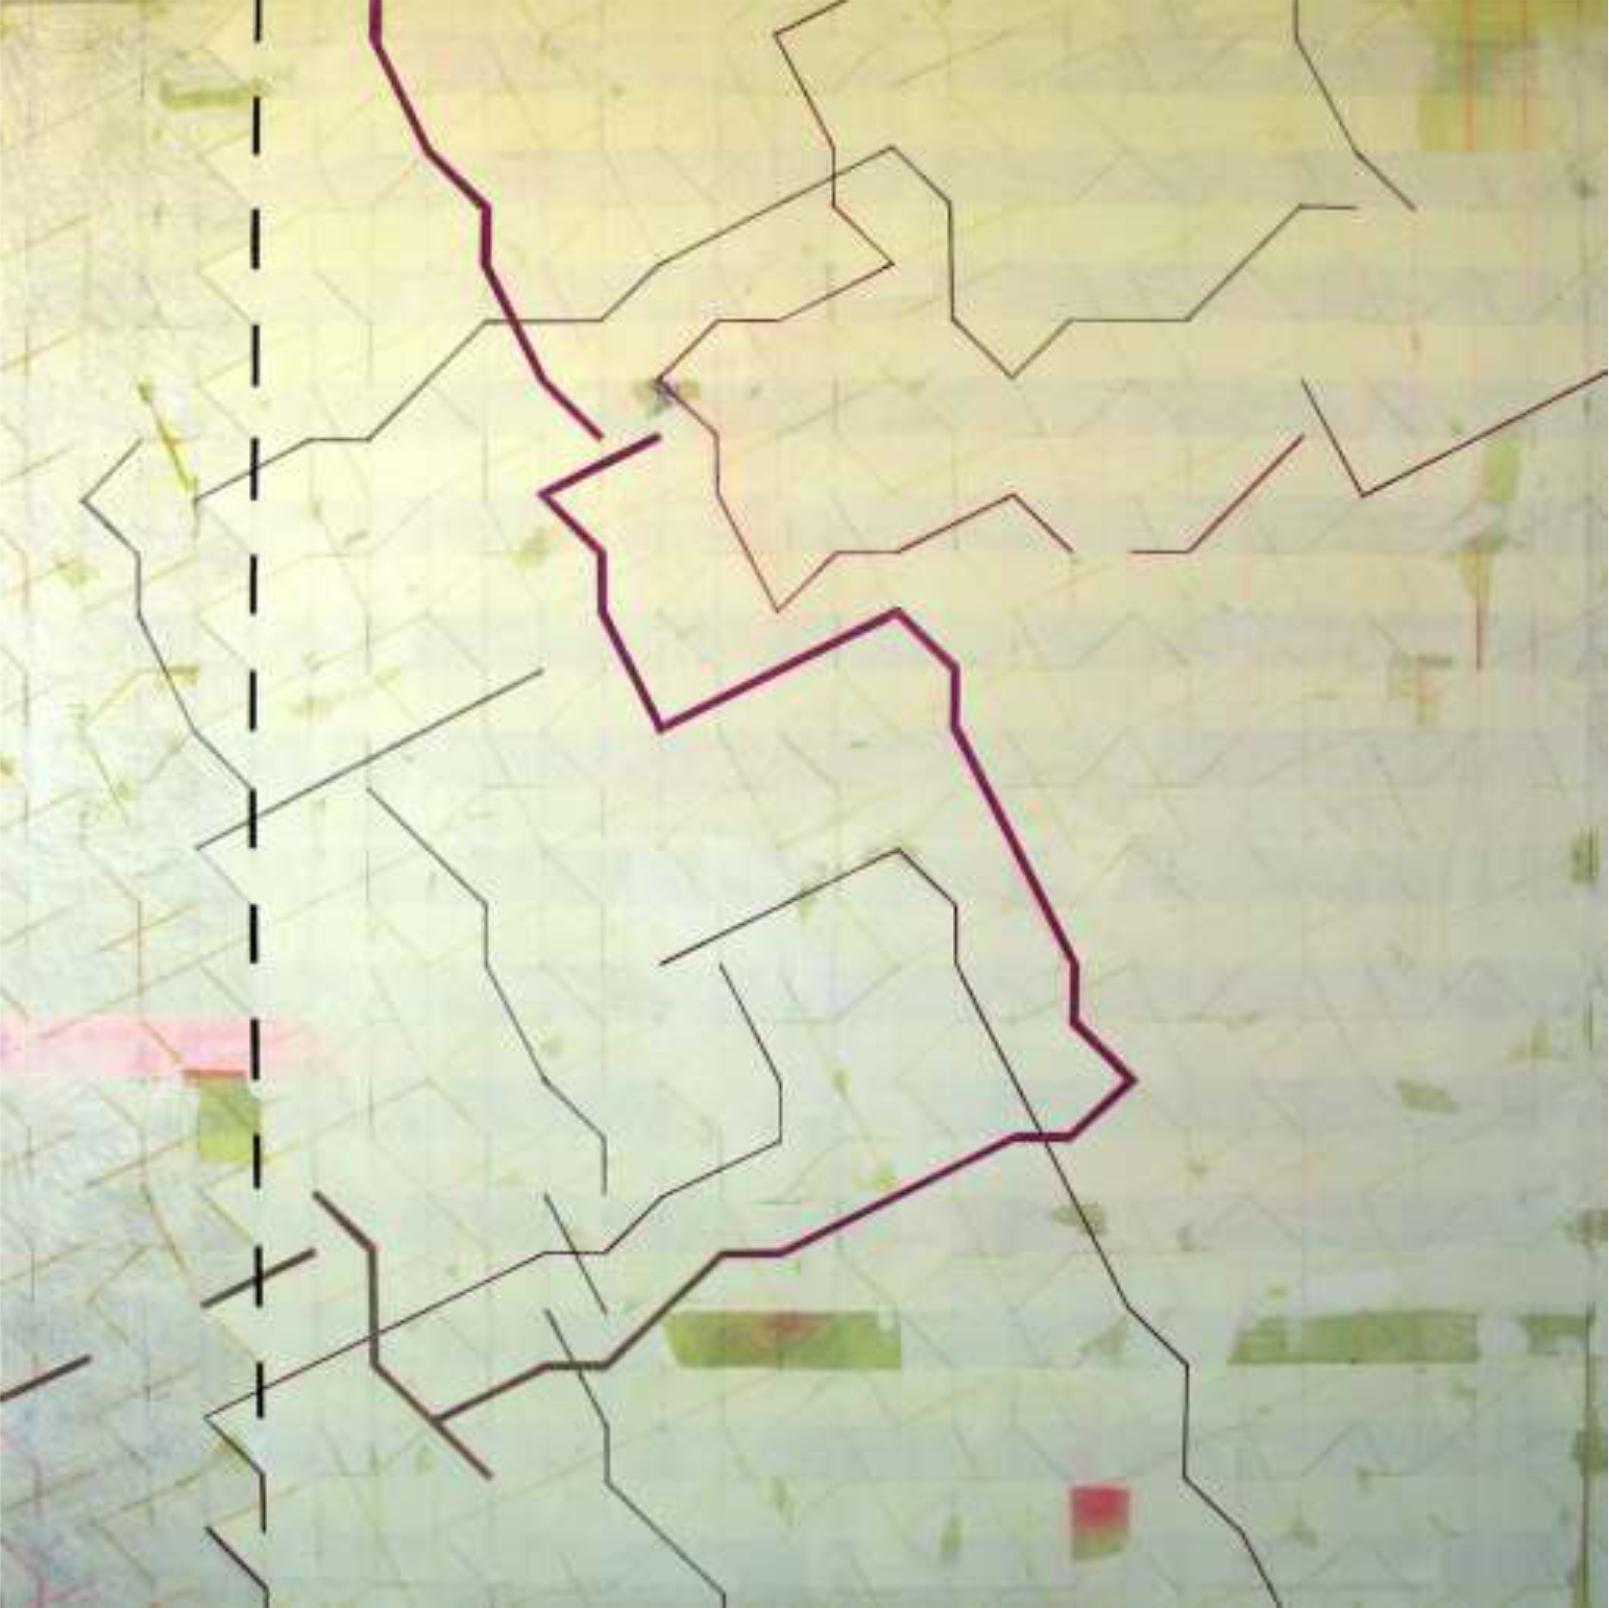 Desconfiguración 140 x 140, cm. Técnica mixta sobre tela.